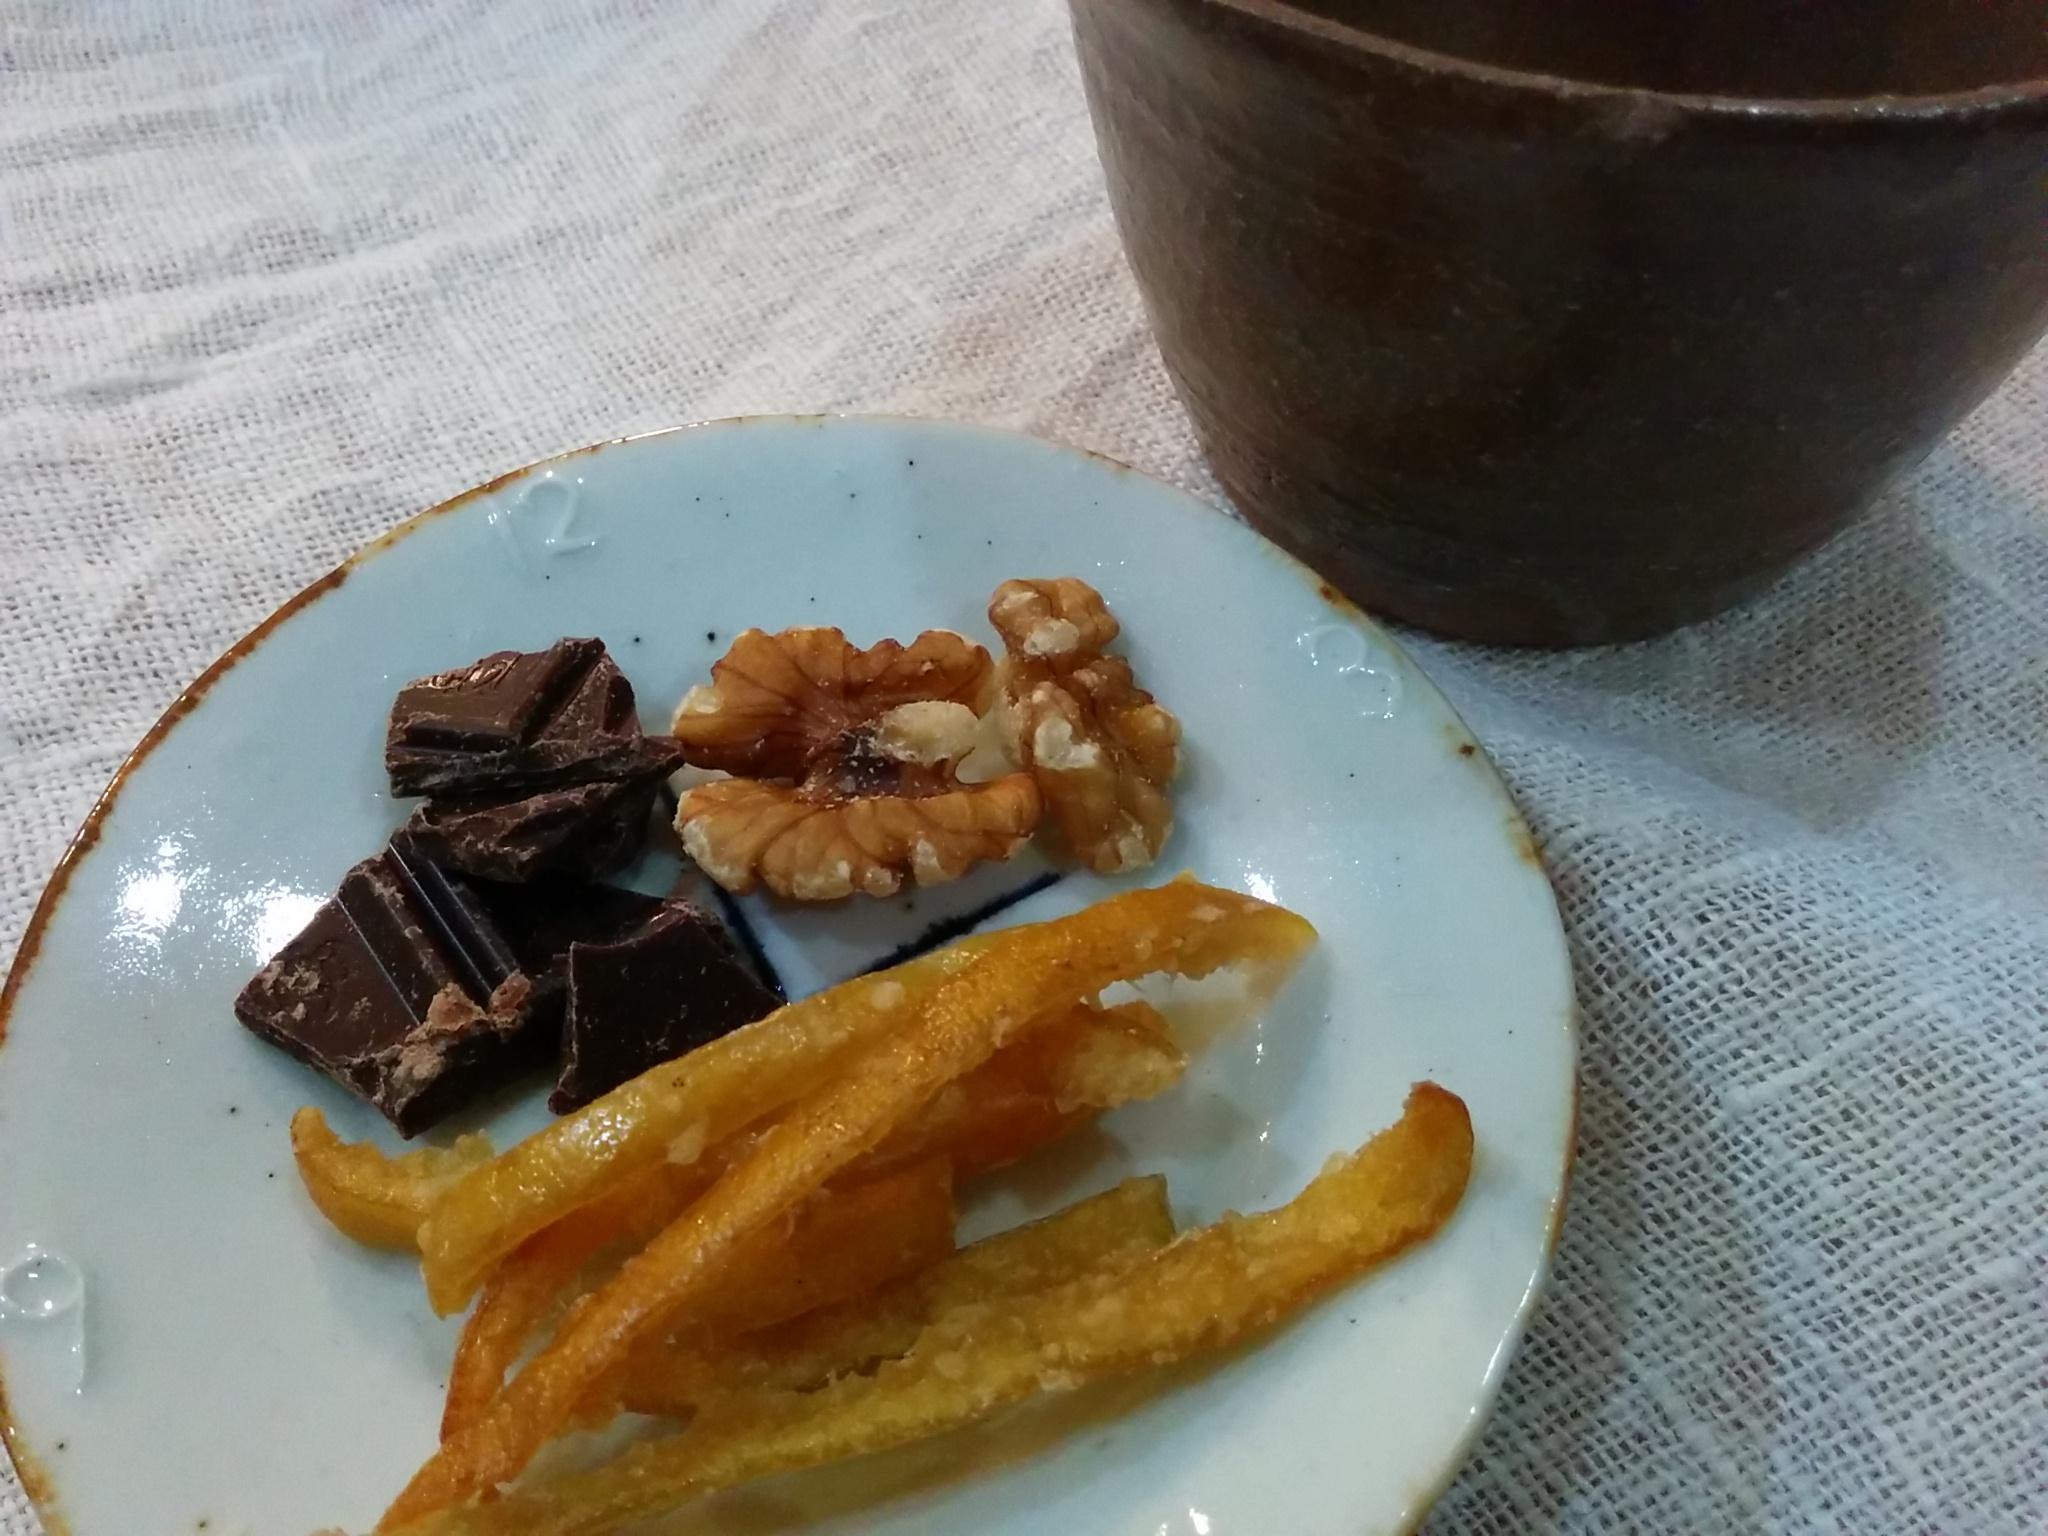 白 柚 レシピ 晩 晩白柚の選び方 おいしい食べ方